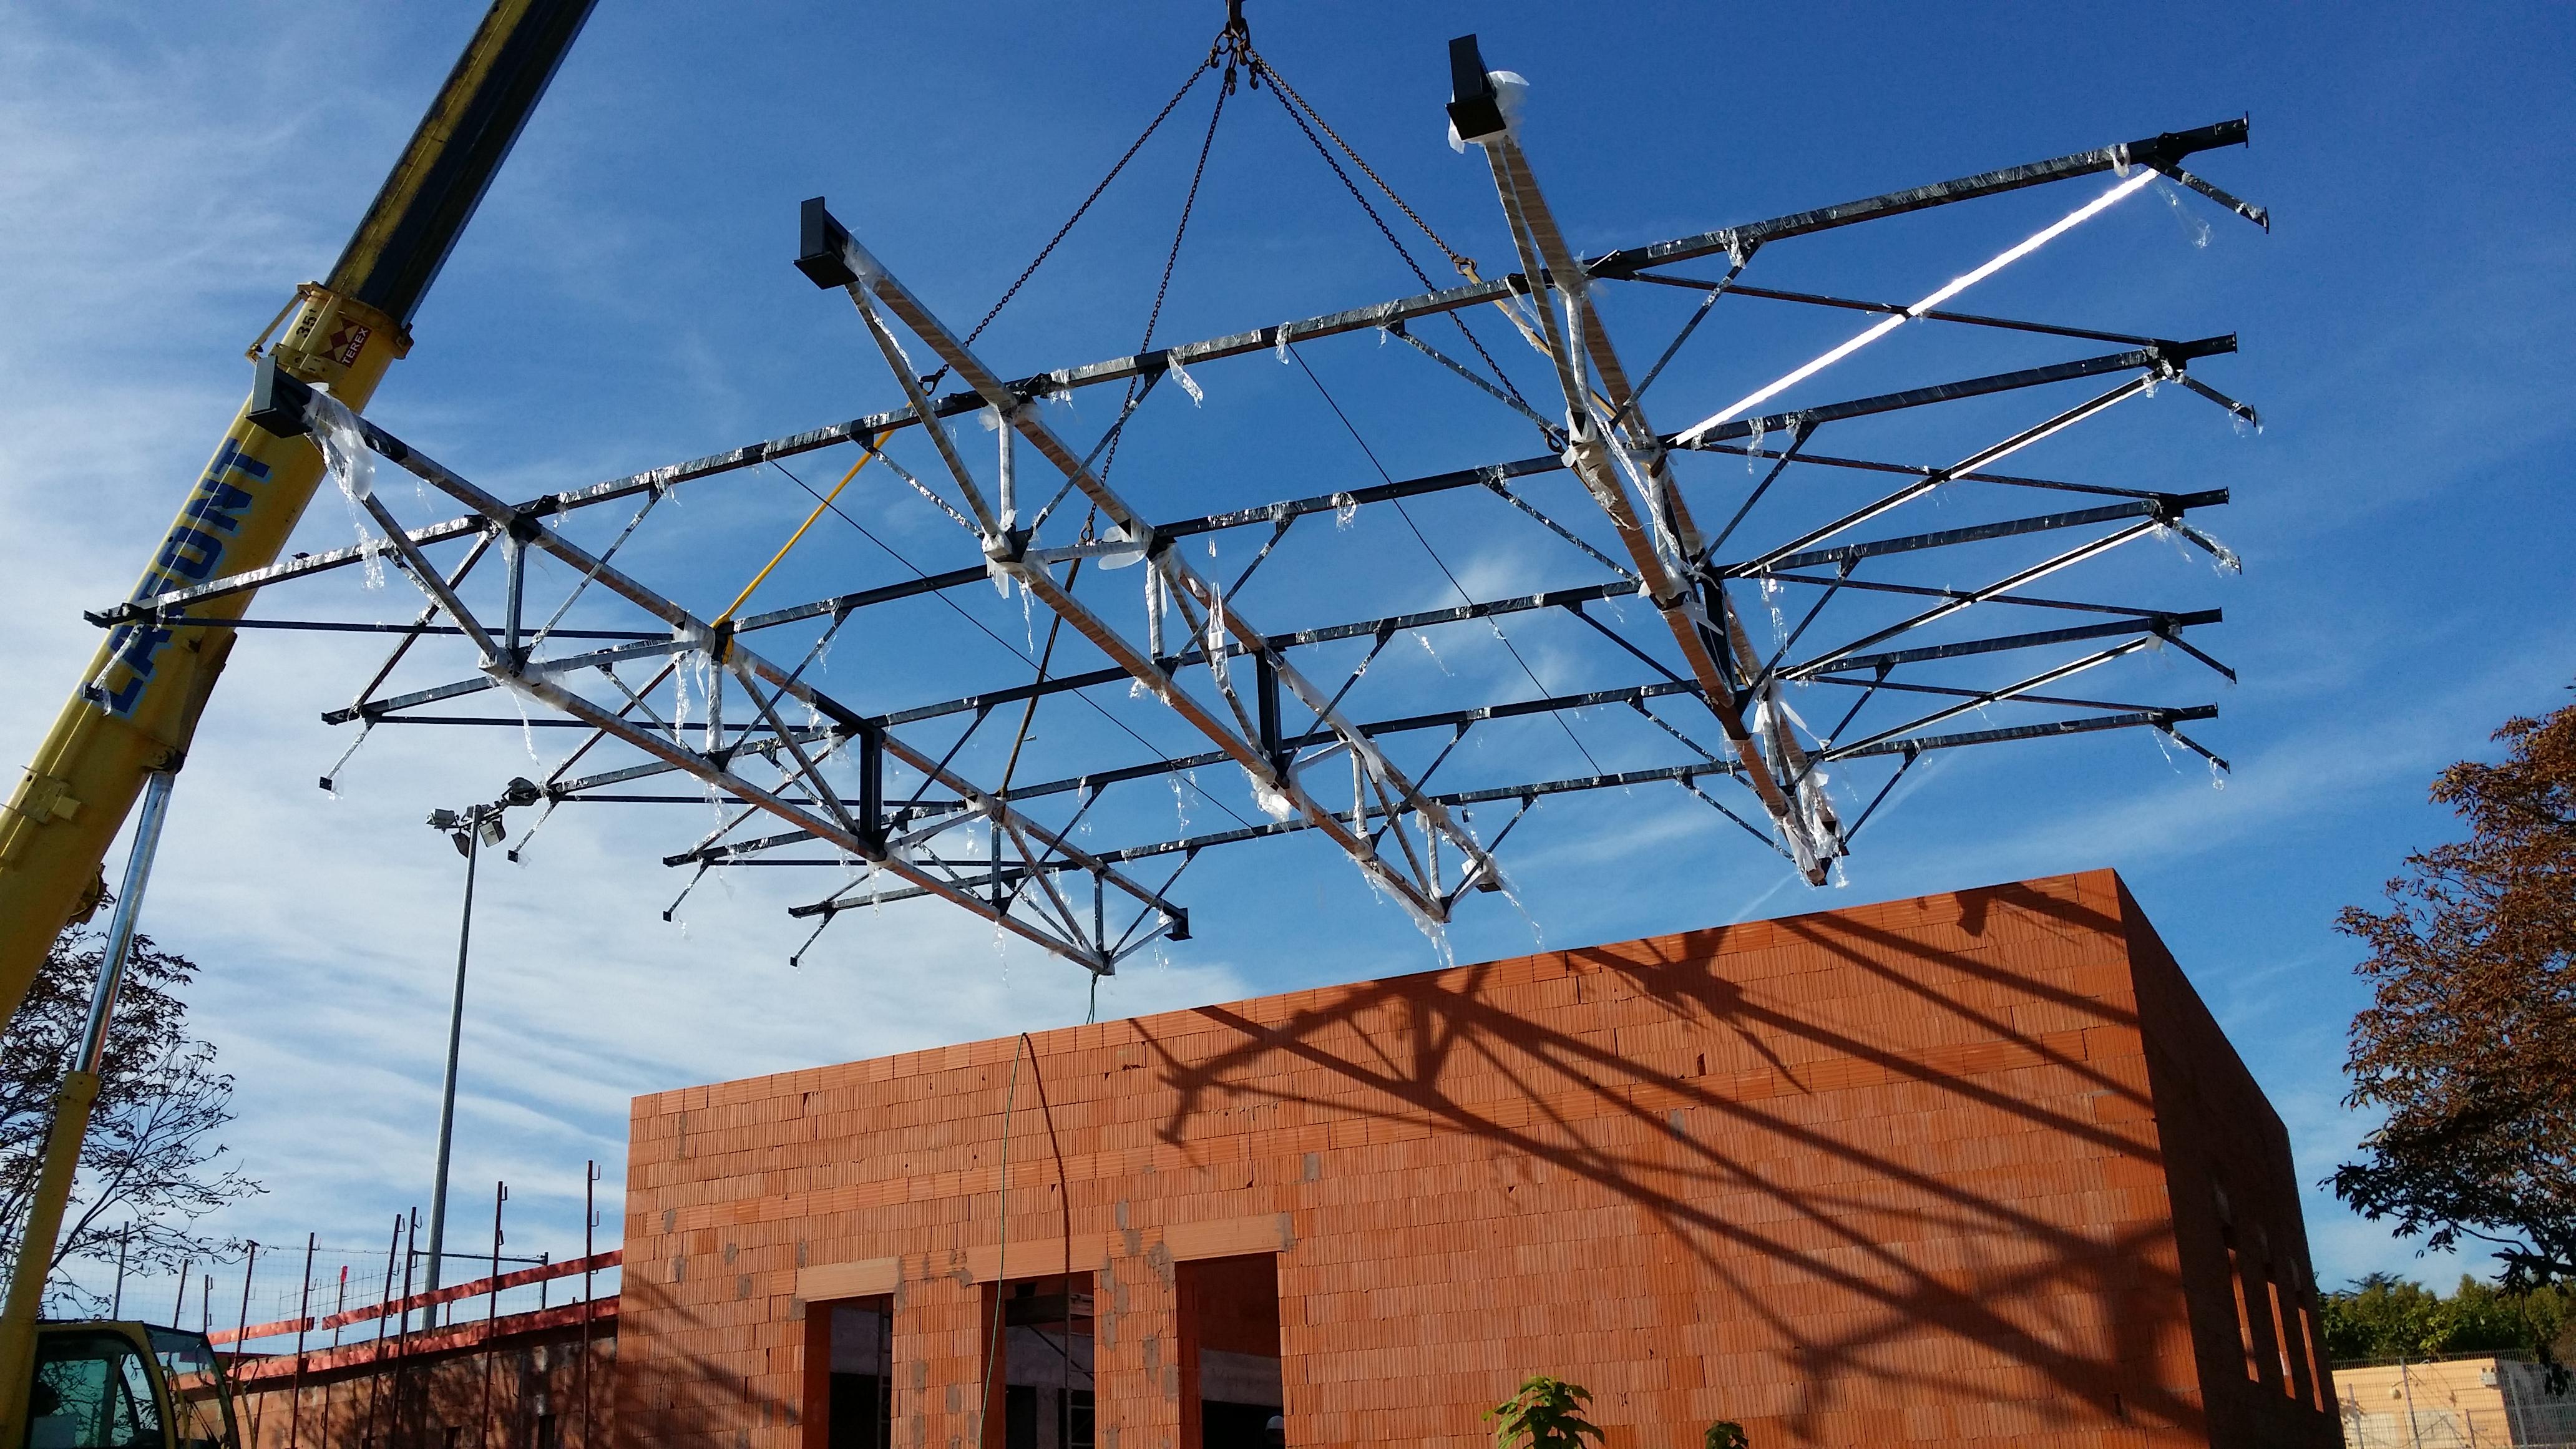 charpente mtallique ville daix en provence stade georges carcasonnes - Charpente Metallique Maison Individuelle